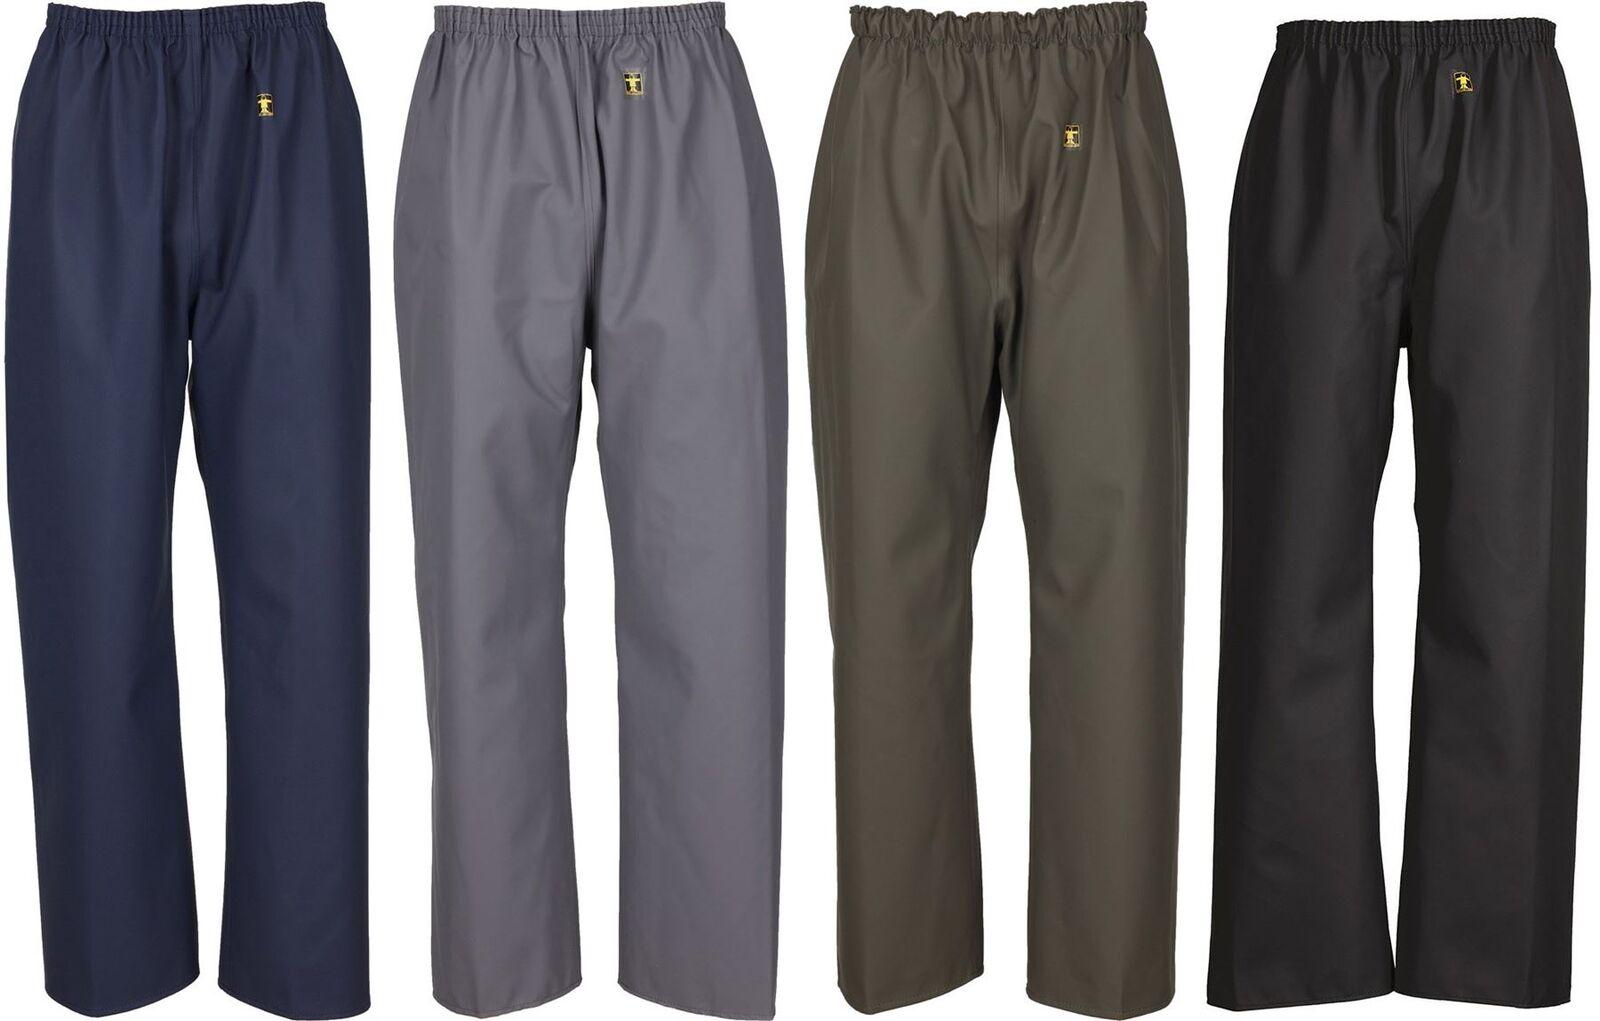 Guy Cotten Pouldo Trousers Glentex   waterproof Clothing